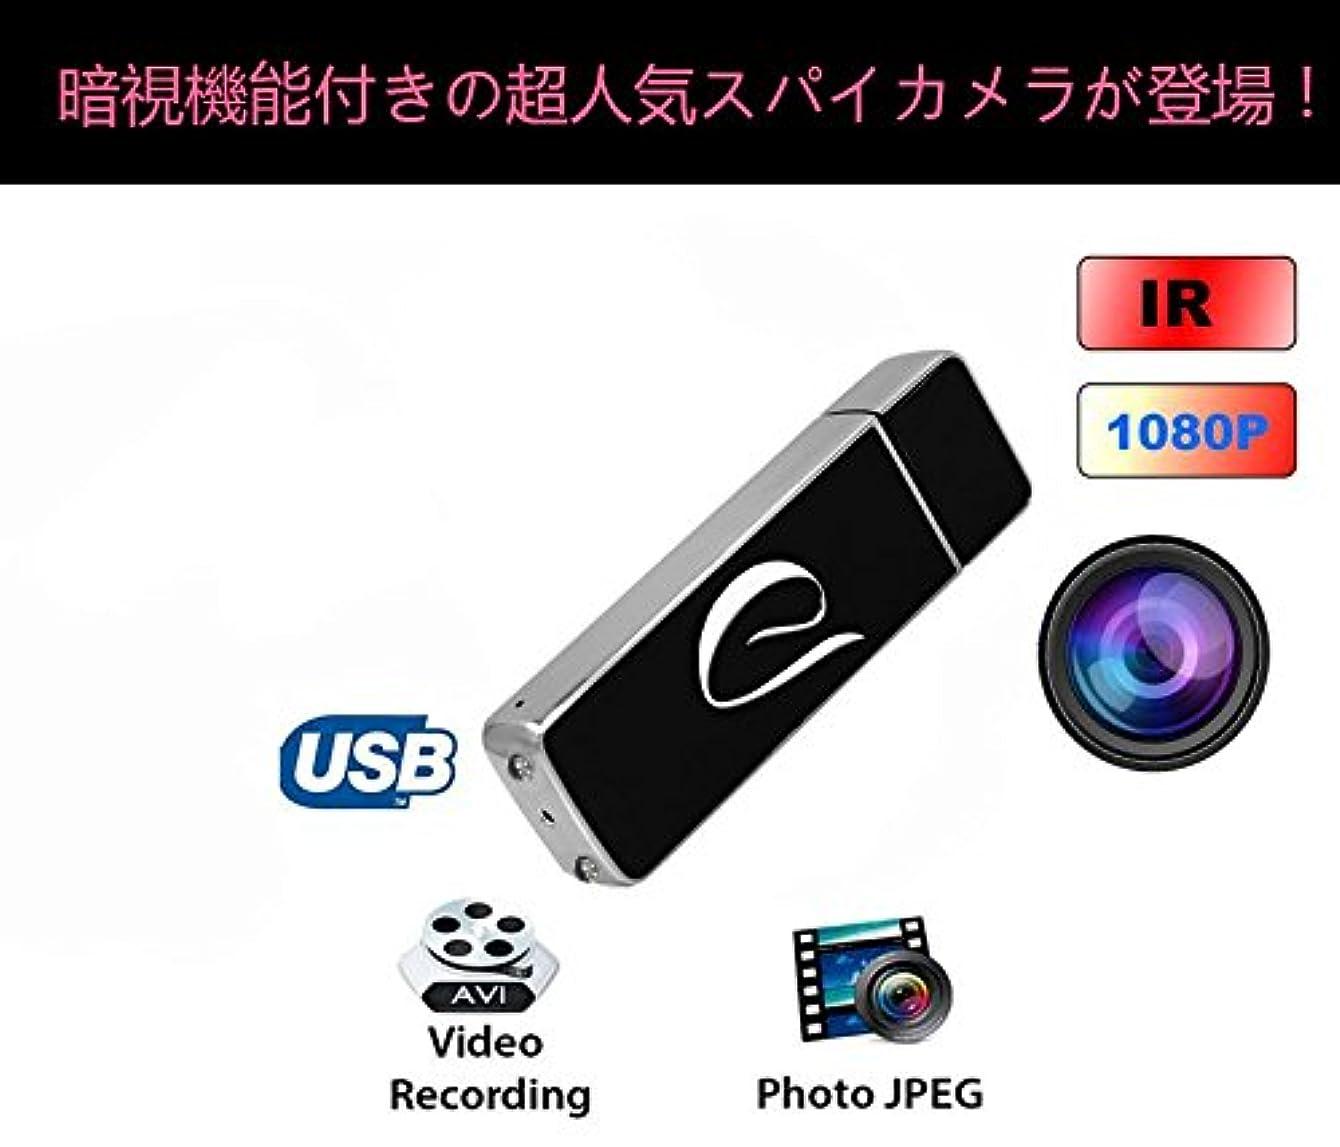 ほこり操縦する星スパイカメラ USB型カメラ&ビデオ 解像度1280*720  監視カメラ PCカメラ USB機能 最大32GB対応 動体検知、暗視機能 録画 撮影 ブラック ストーカー、セクハラ、パワハラ、イジメ、浮気、虐待の証拠撮り